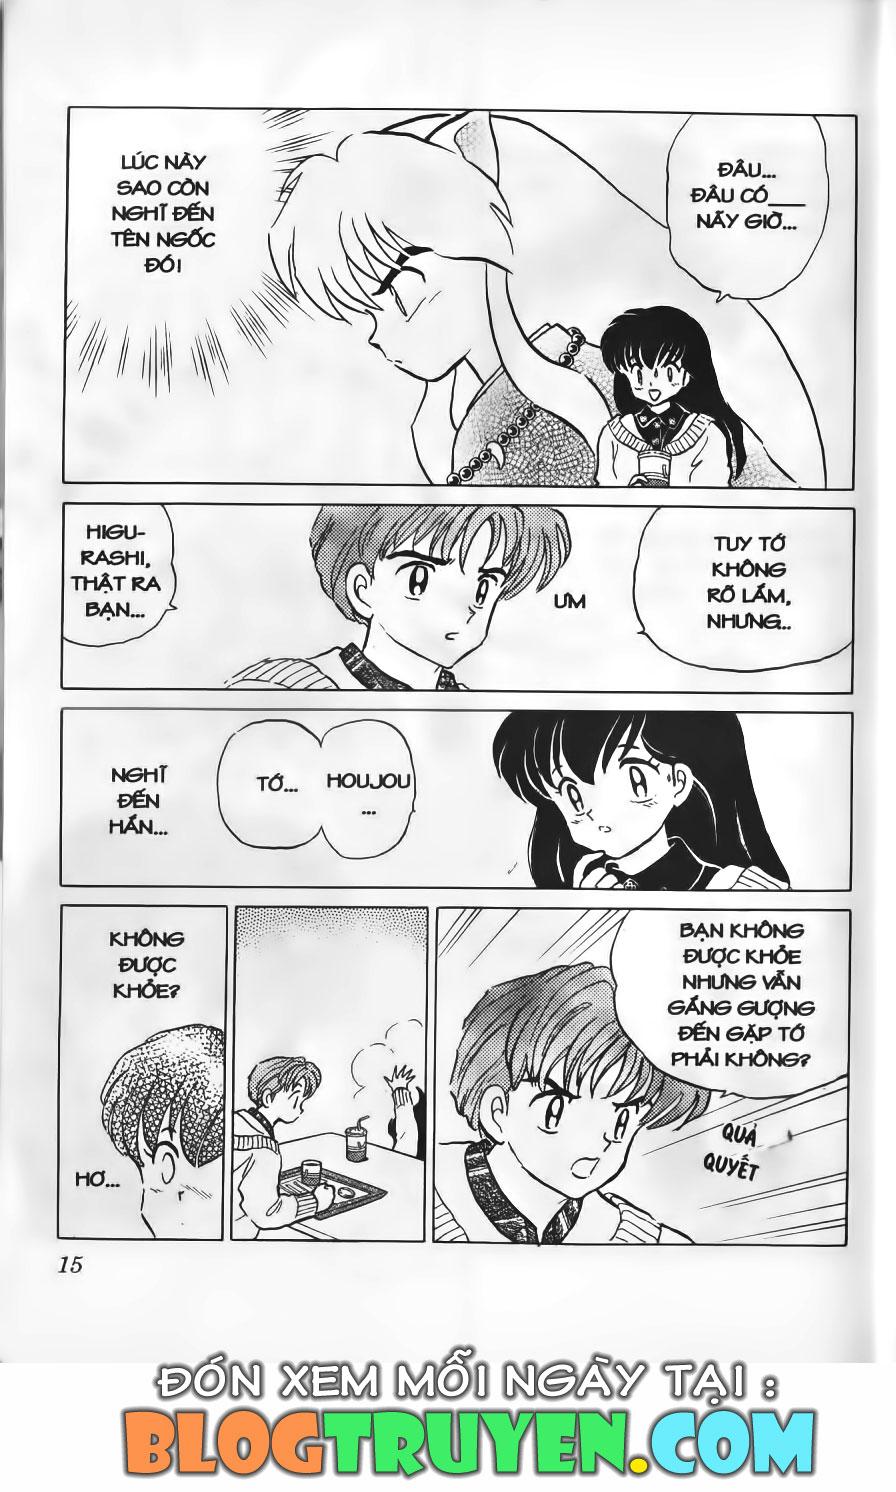 Inuyasha vol 08.1 trang 14